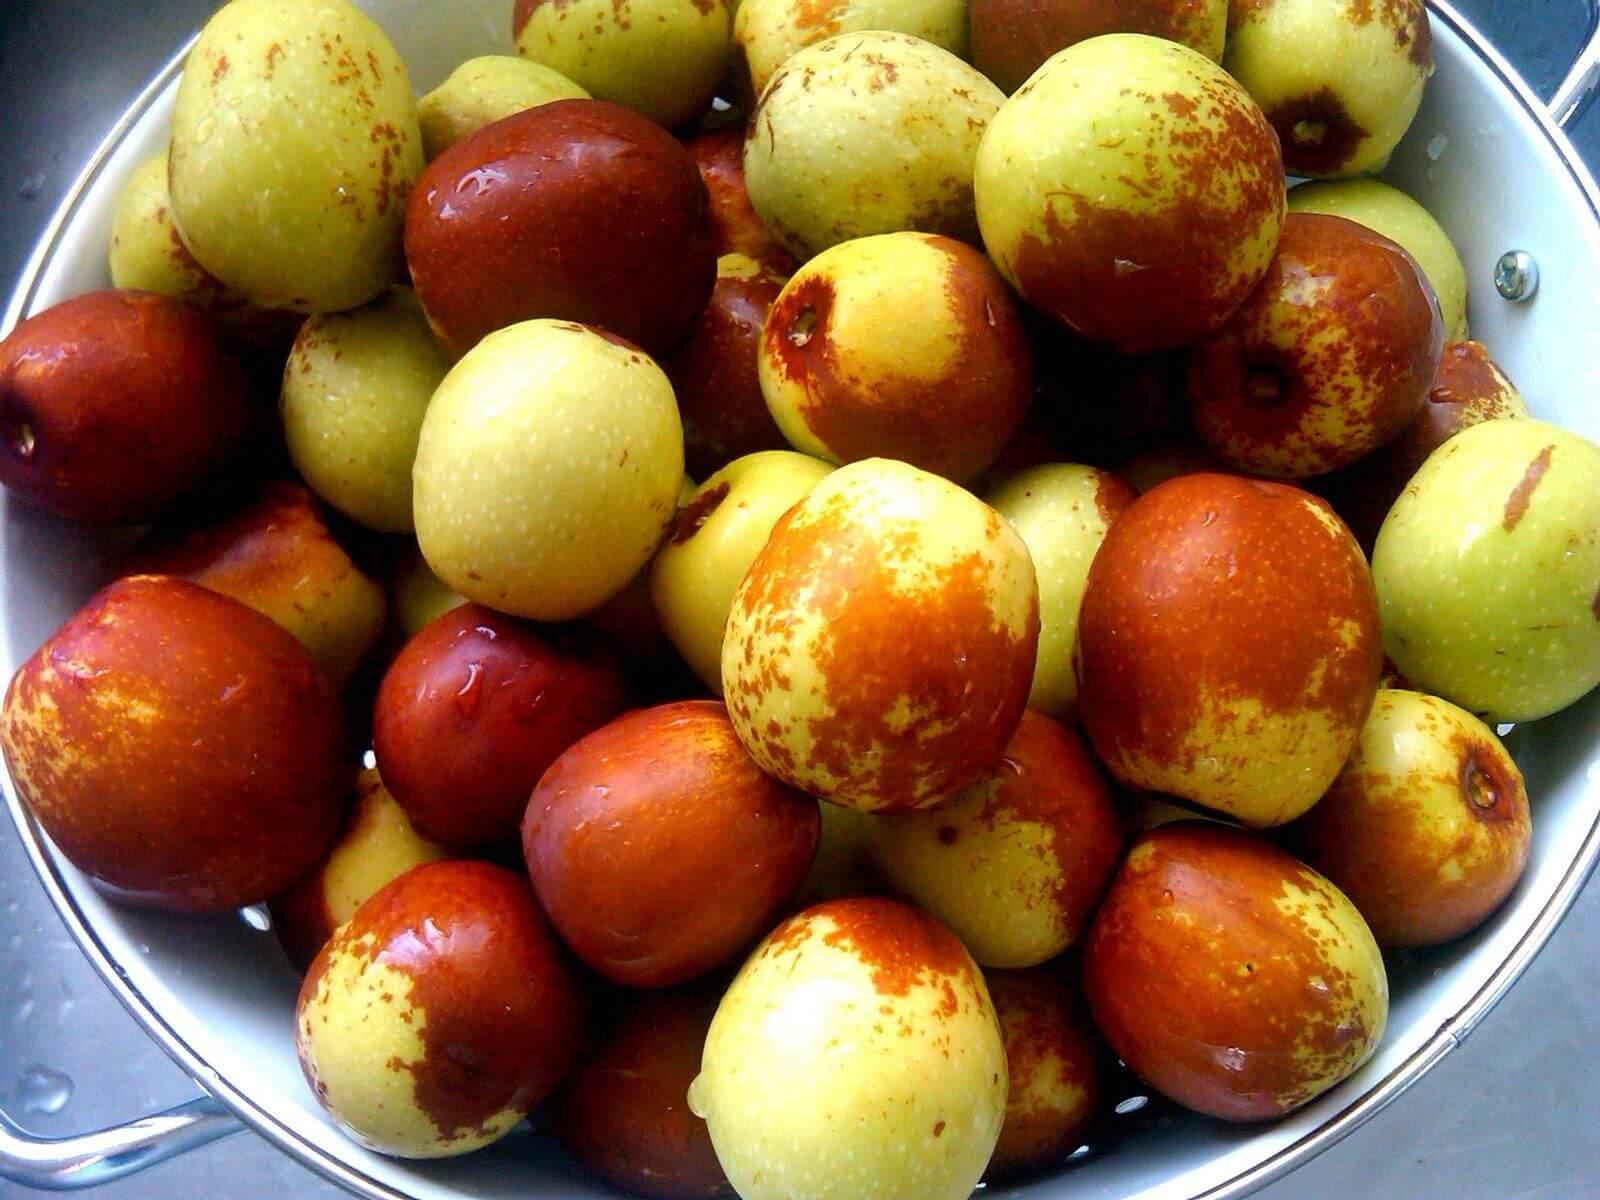 hünnap meyvesi faydaları